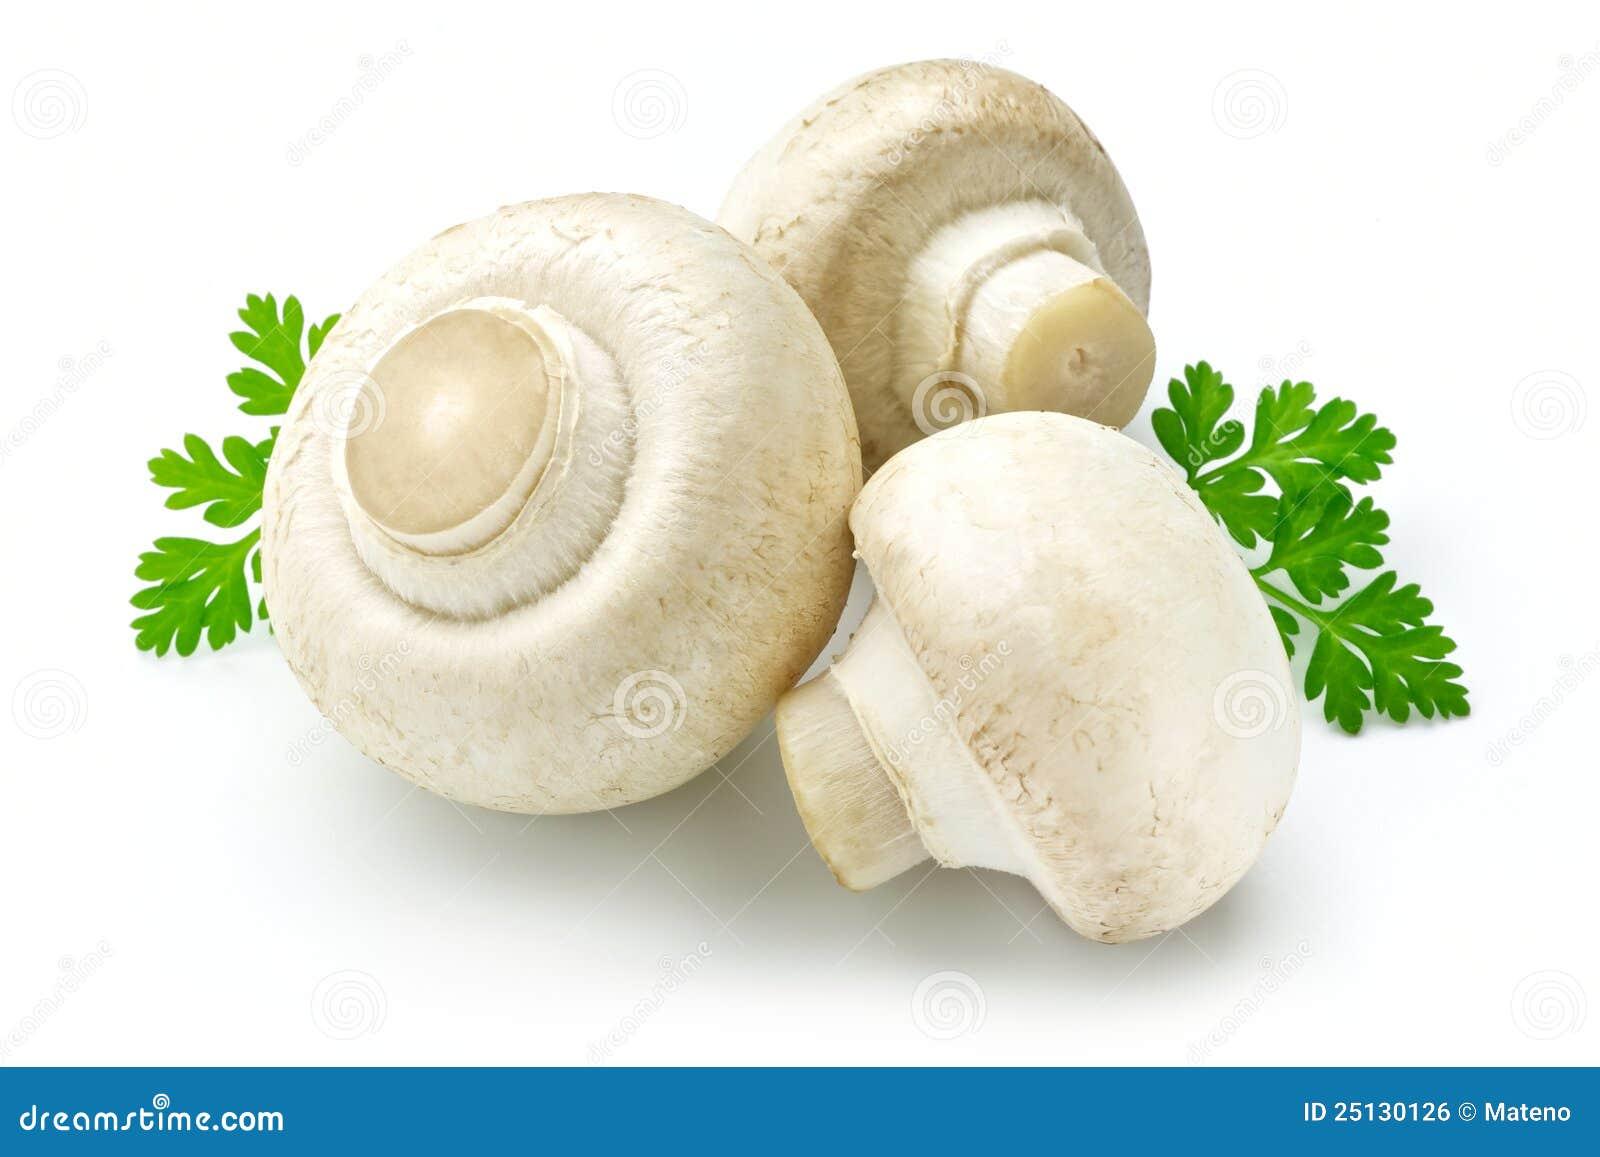 White Mushroom Royalty Free Stock Image - Image: 25130126